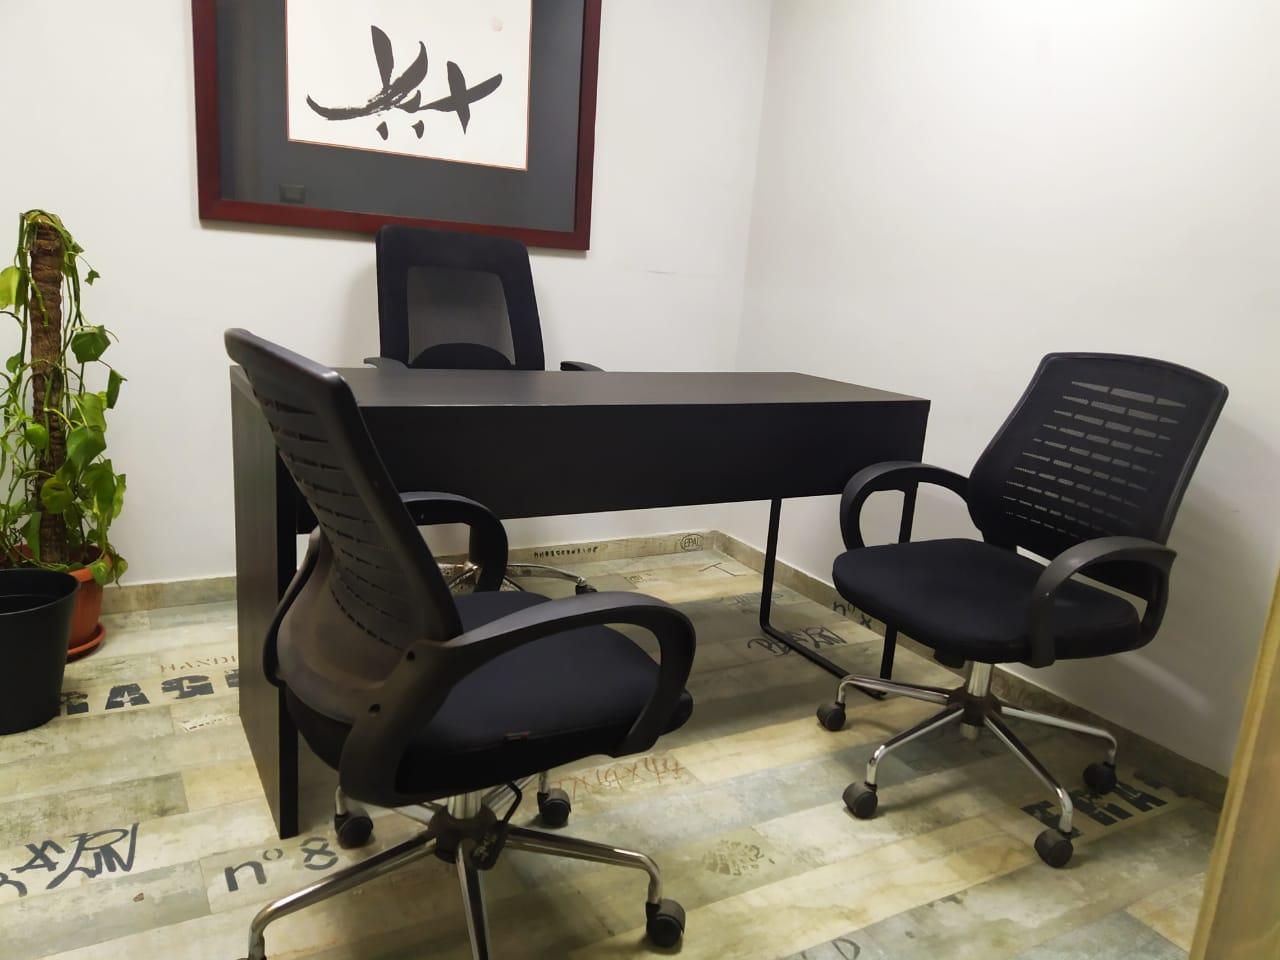 المكاتب الافتراضية - virtual office